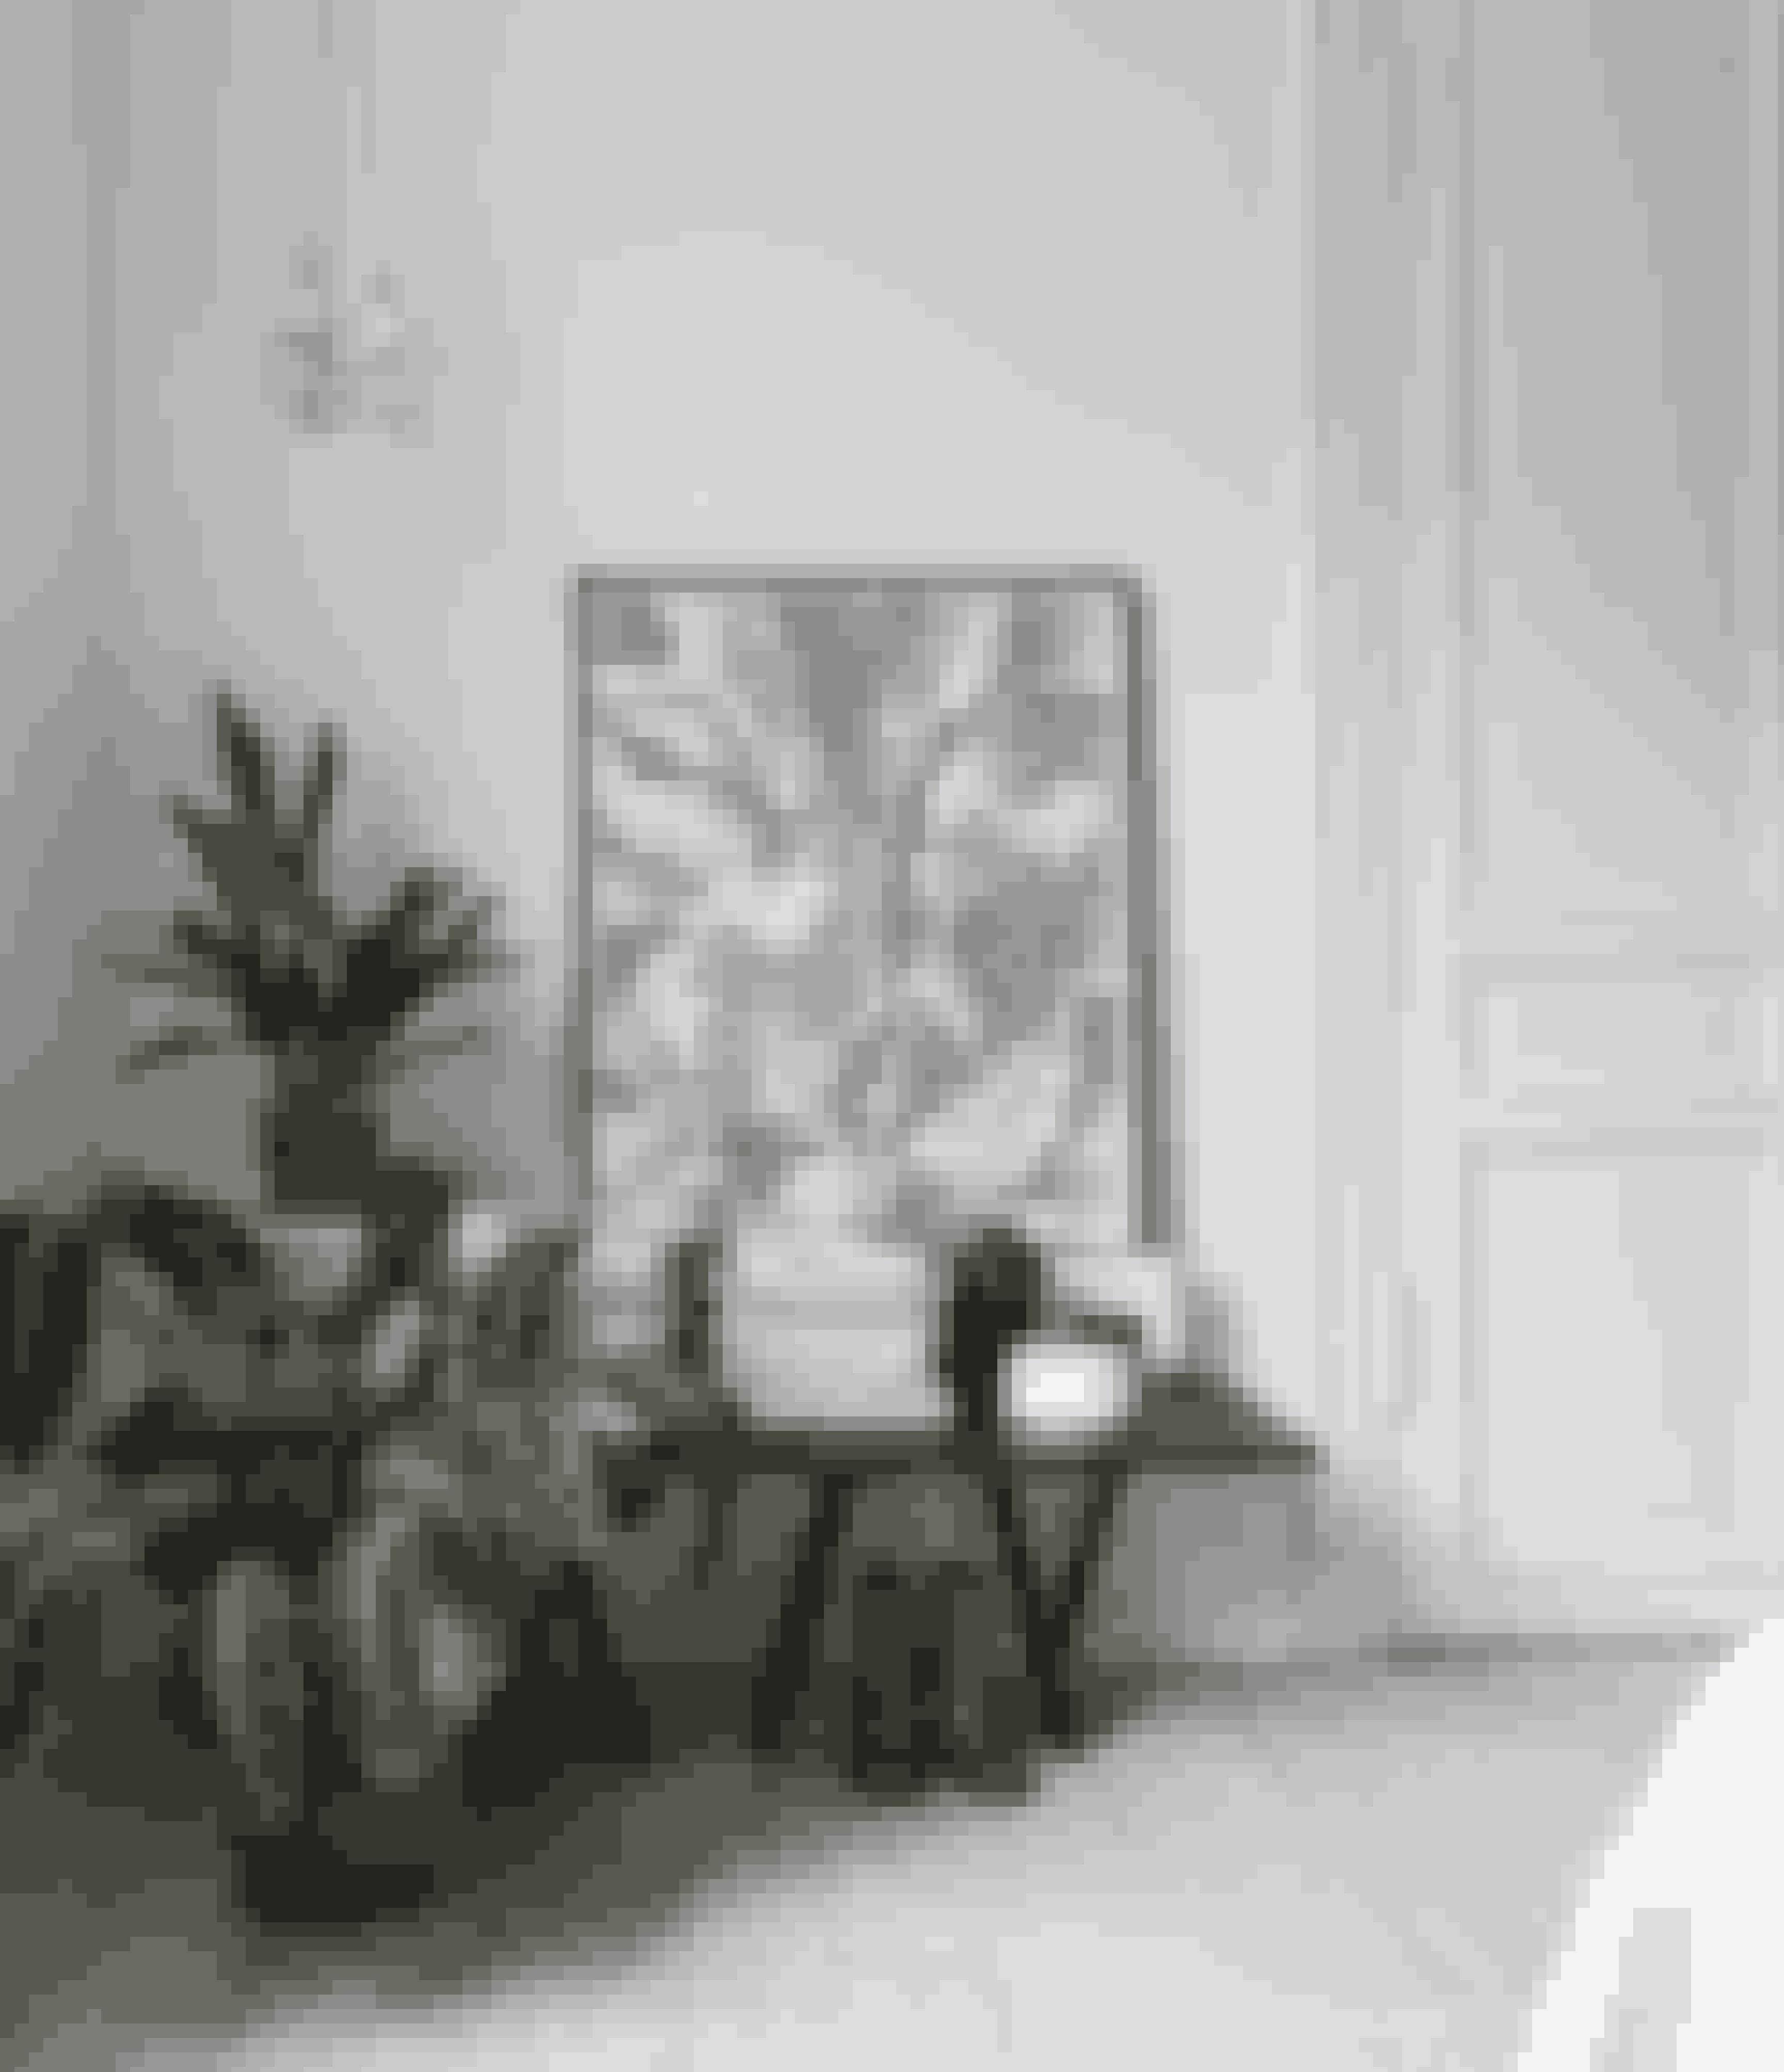 Udnyt et hjørne i soveværelset med et bord eller en bænk til magasiner, planter og småting for en praktisk og samtidig dekorativ løsning, og lad gerne en ramme indgå ved at stå direkte på bordet. Bordet er fra Hay.